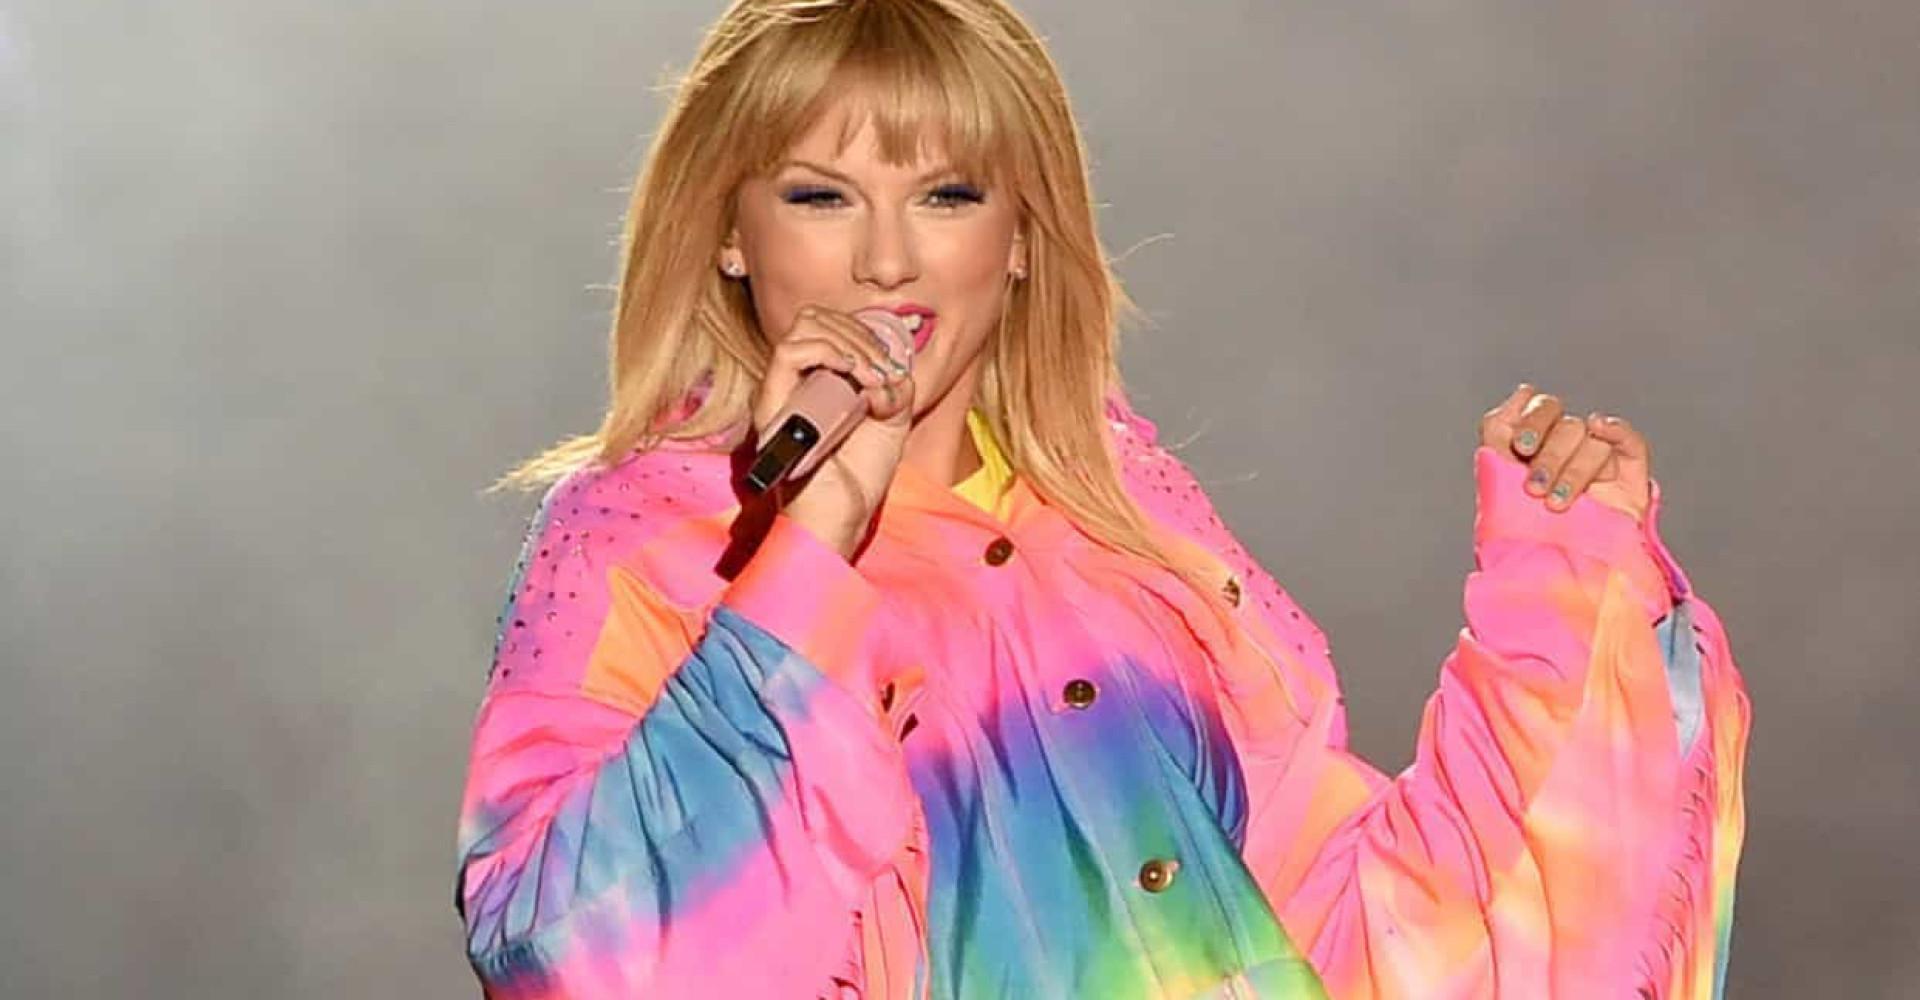 Swift receberá prêmio por apoio à comunidade LGBTQ+; outros artistas lançaram hinos gays